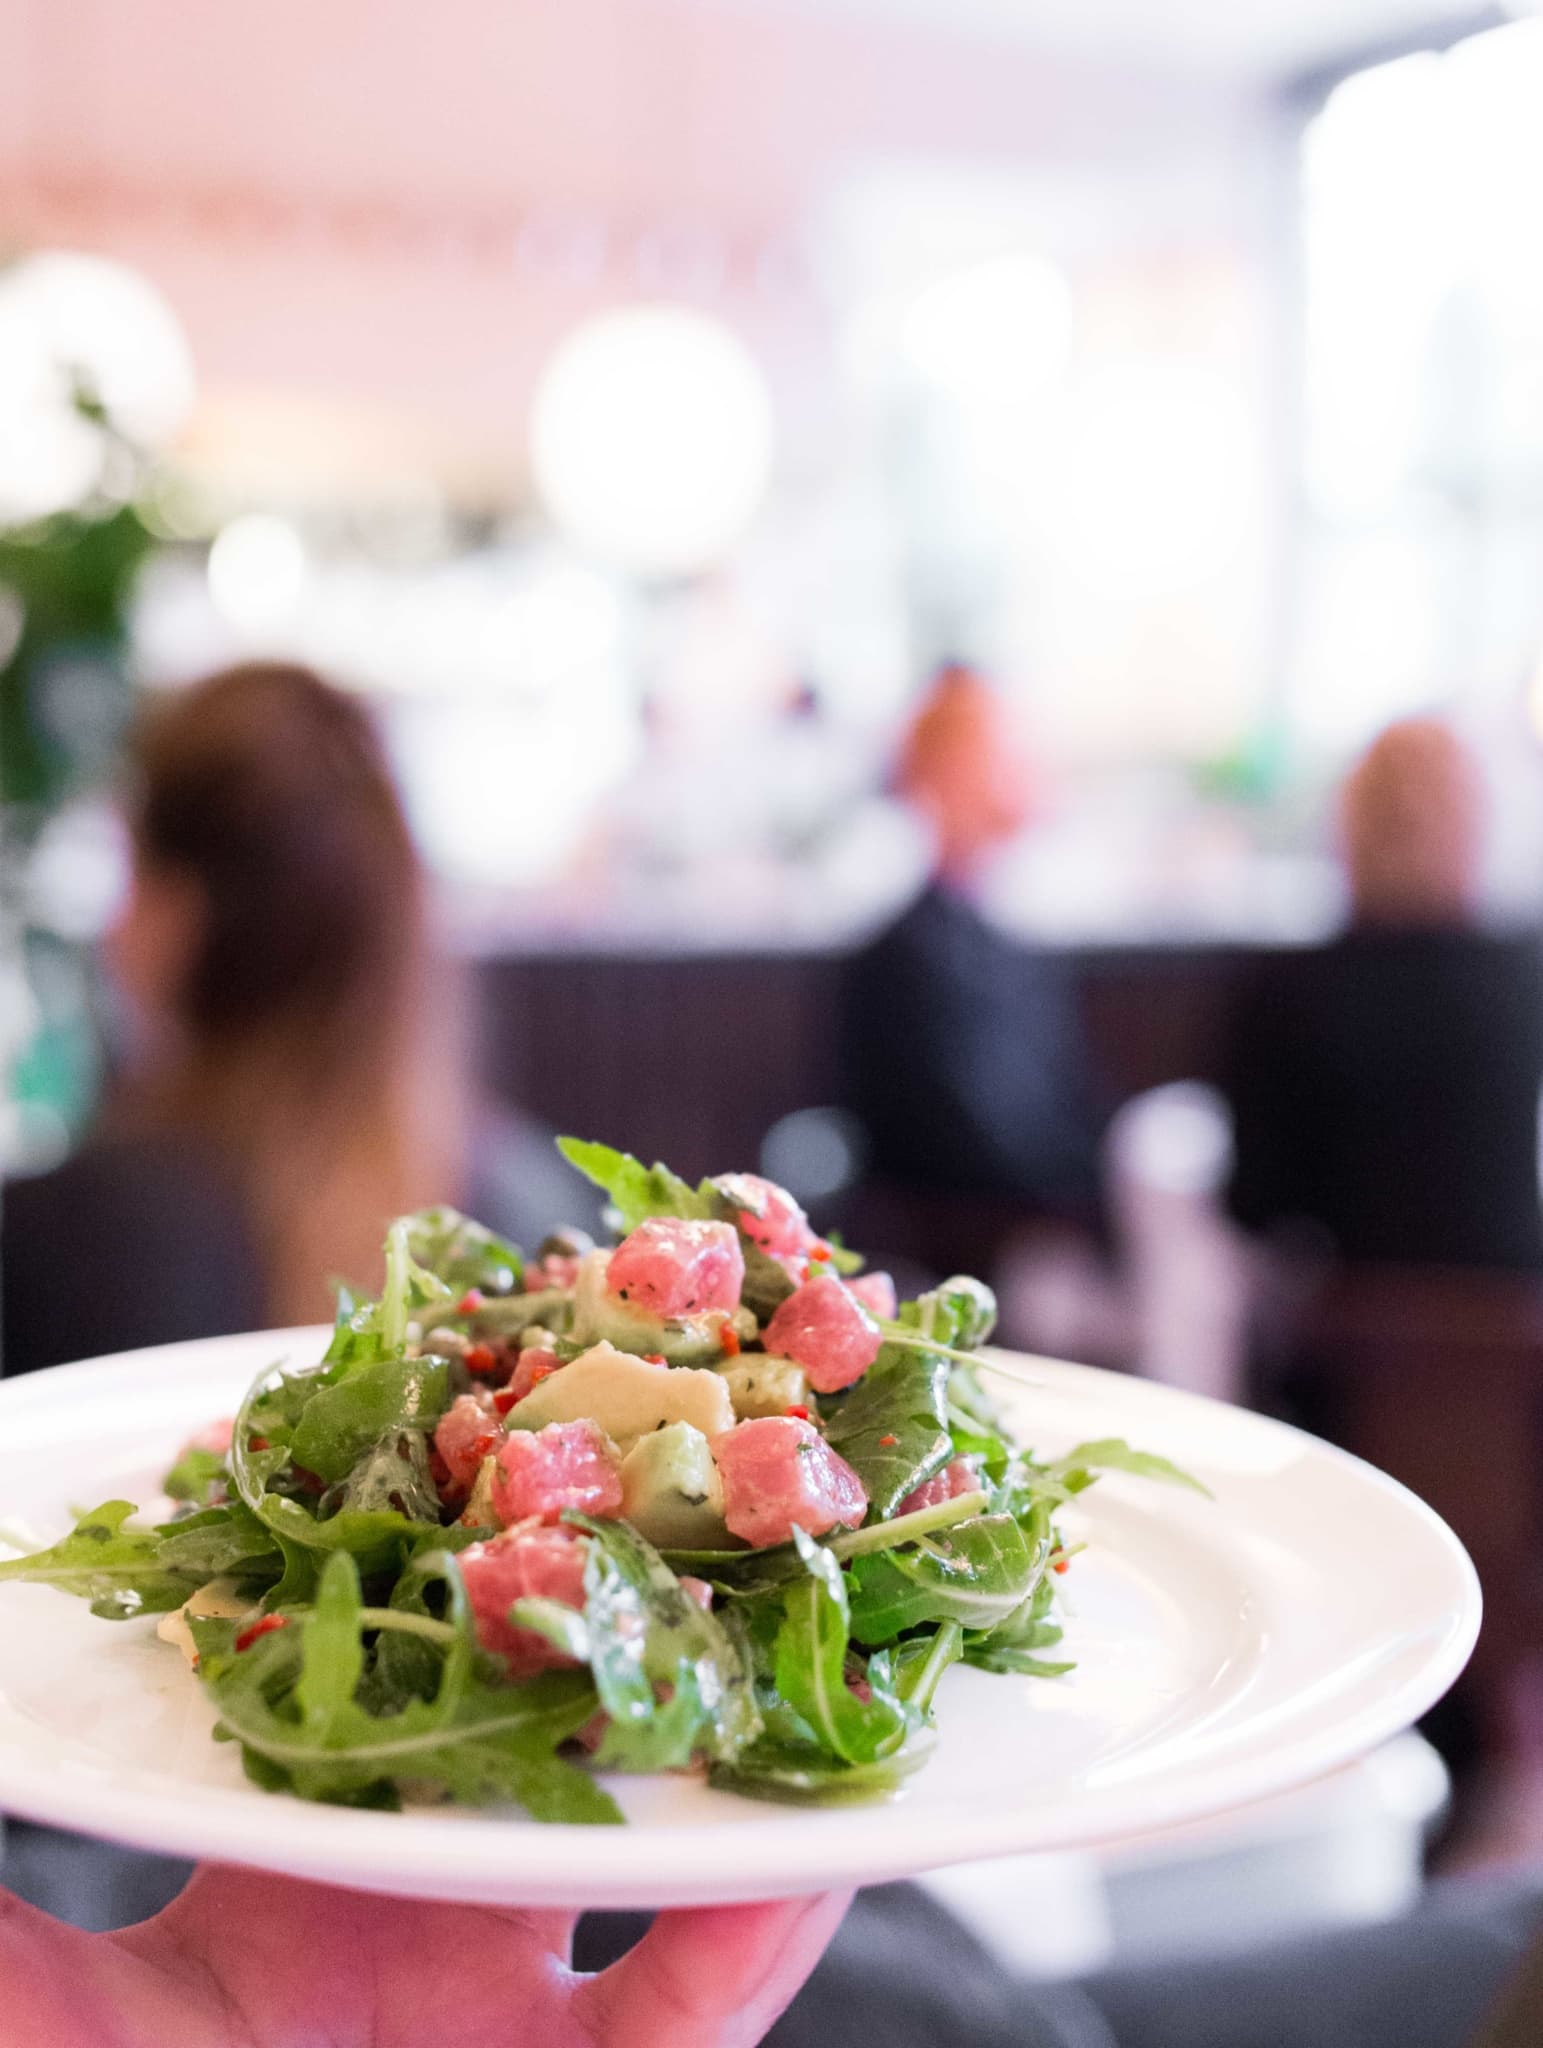 cecconis culinessa 1 3 - Culinessa tips: Restaurant Cecconi's Amsterdam